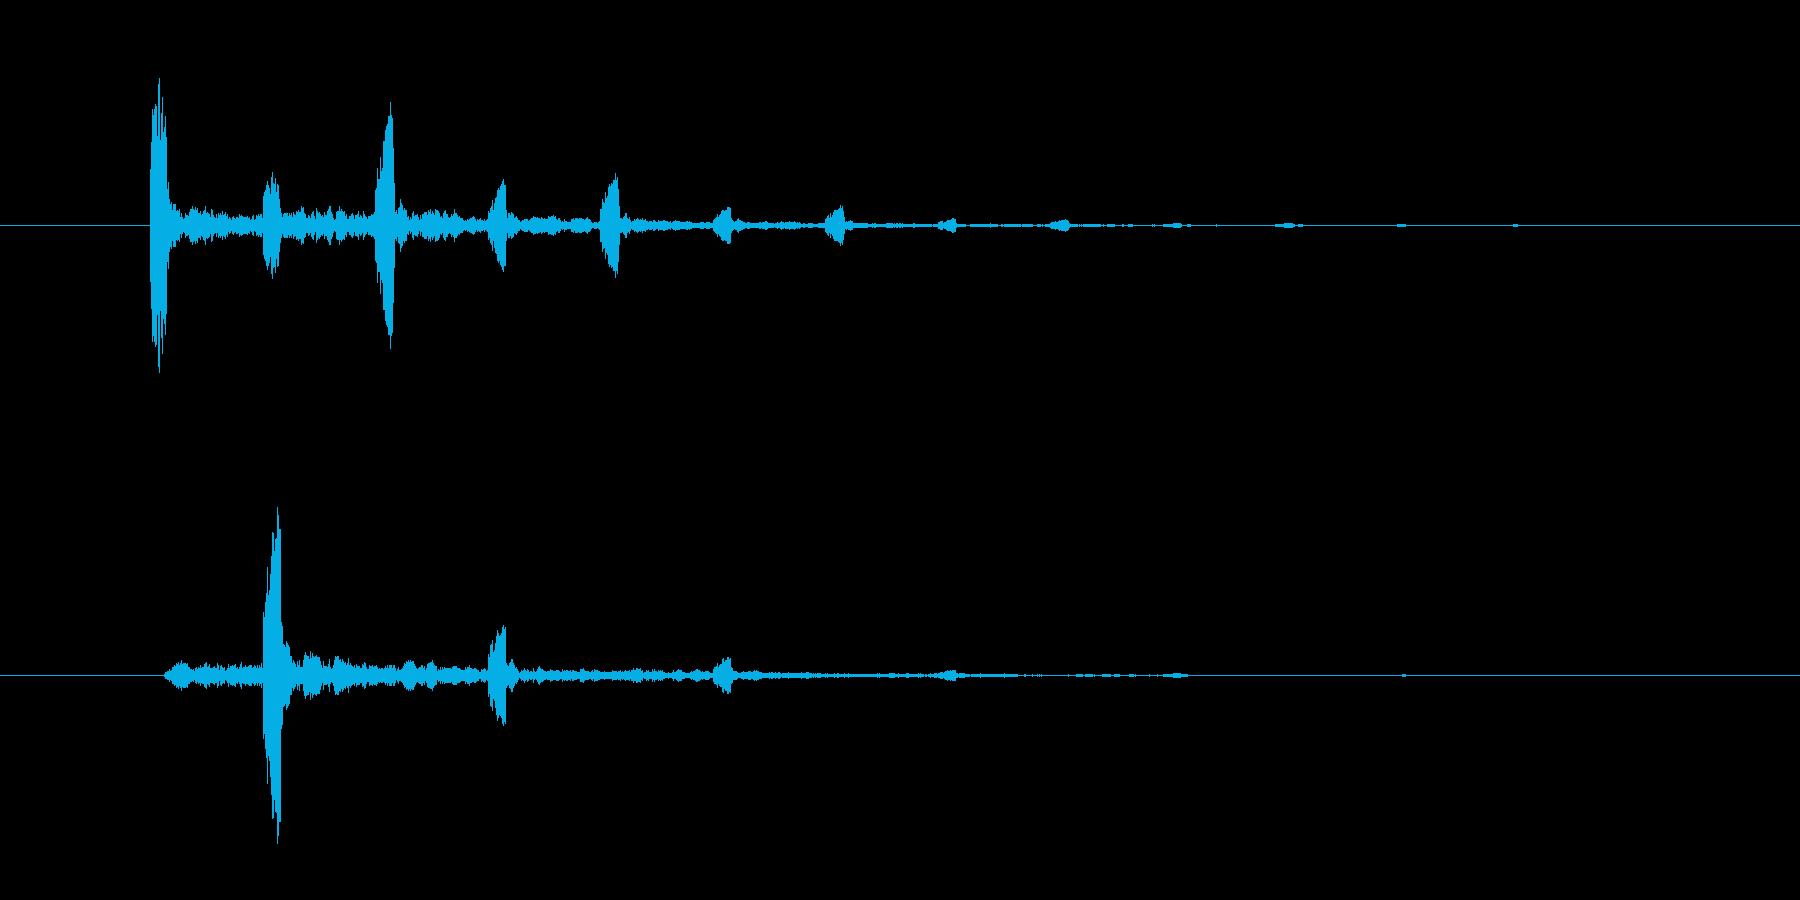 チャッチャッという不思議な効果音の再生済みの波形